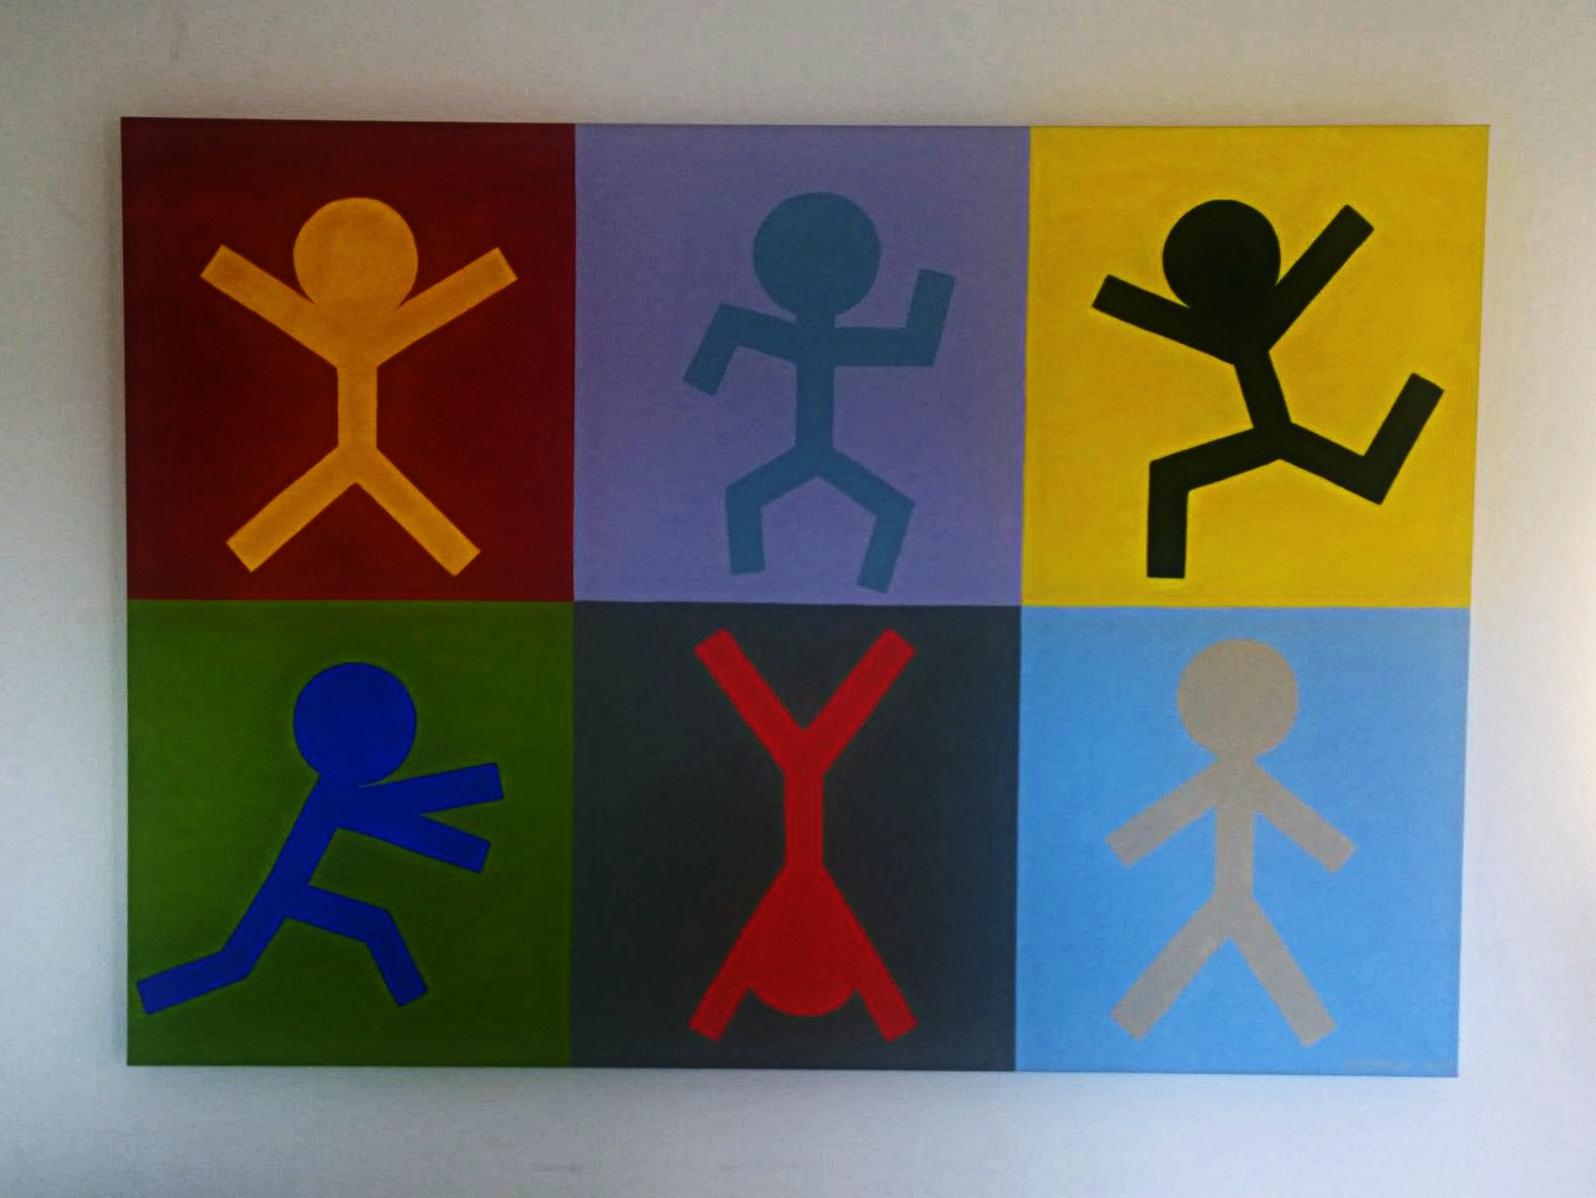 LE GOUT ET LES COULEURS  acrylique sur toile, 160x114cm  4'900 euros